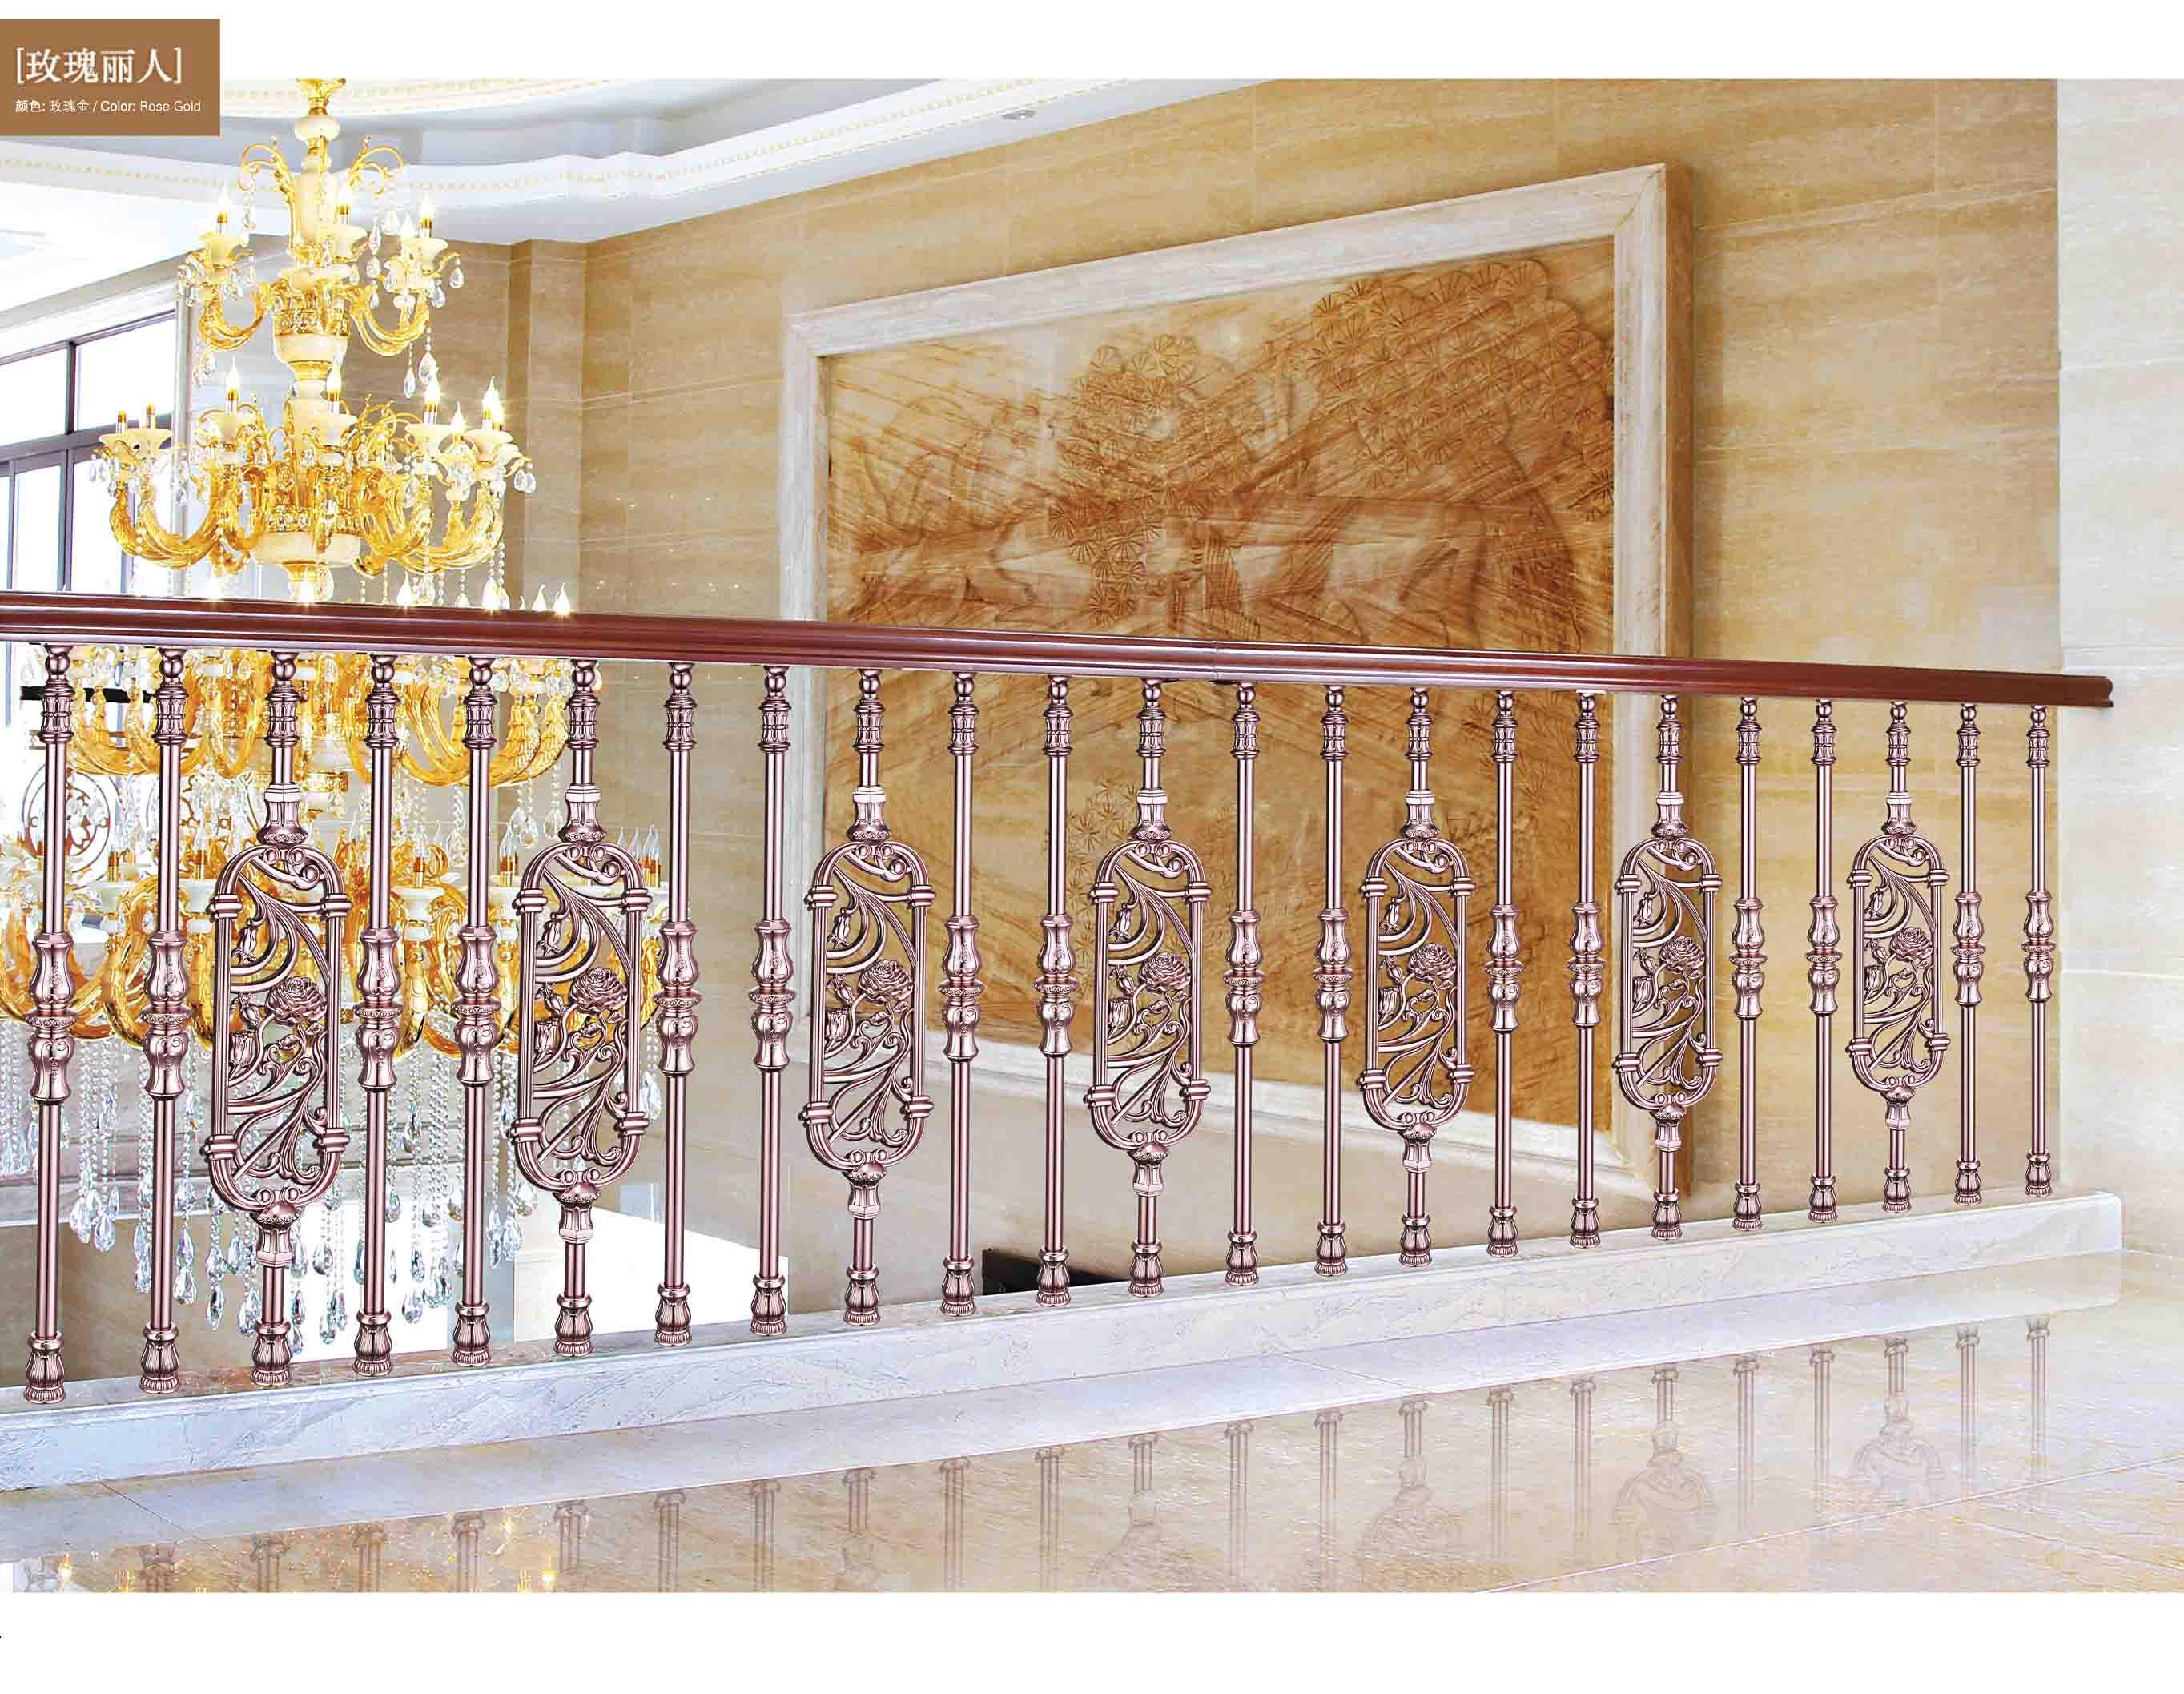 B005玫瑰丽人/楼梯护栏/金属楼梯/酒店楼梯护栏